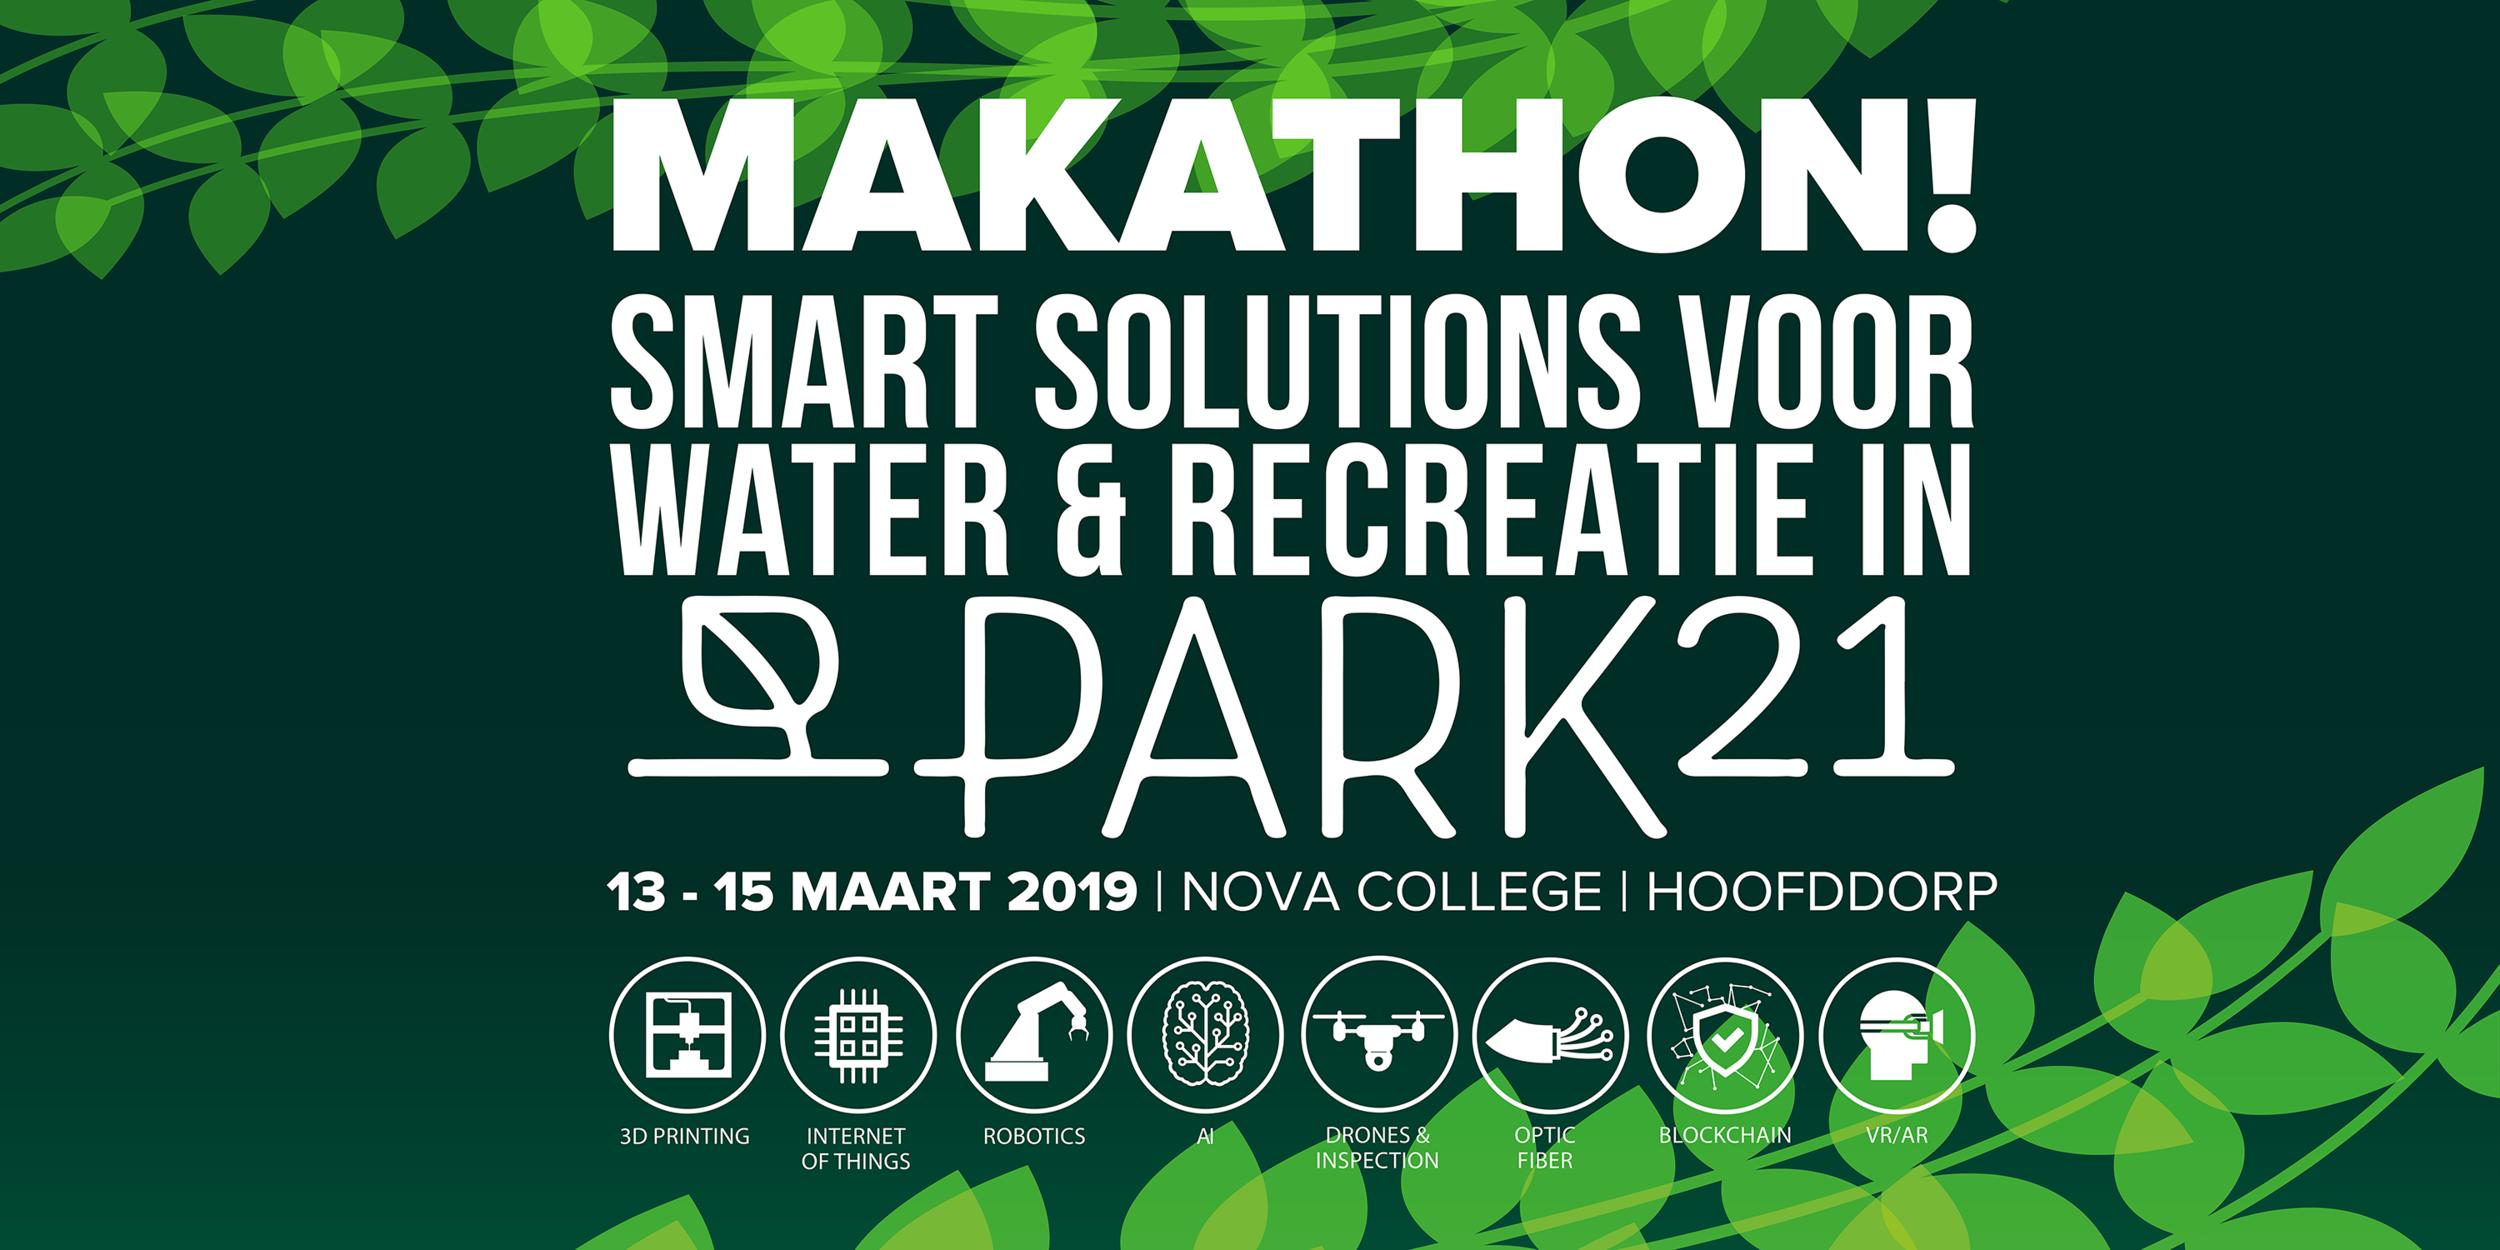 Makathon_Park21_header_medres.png